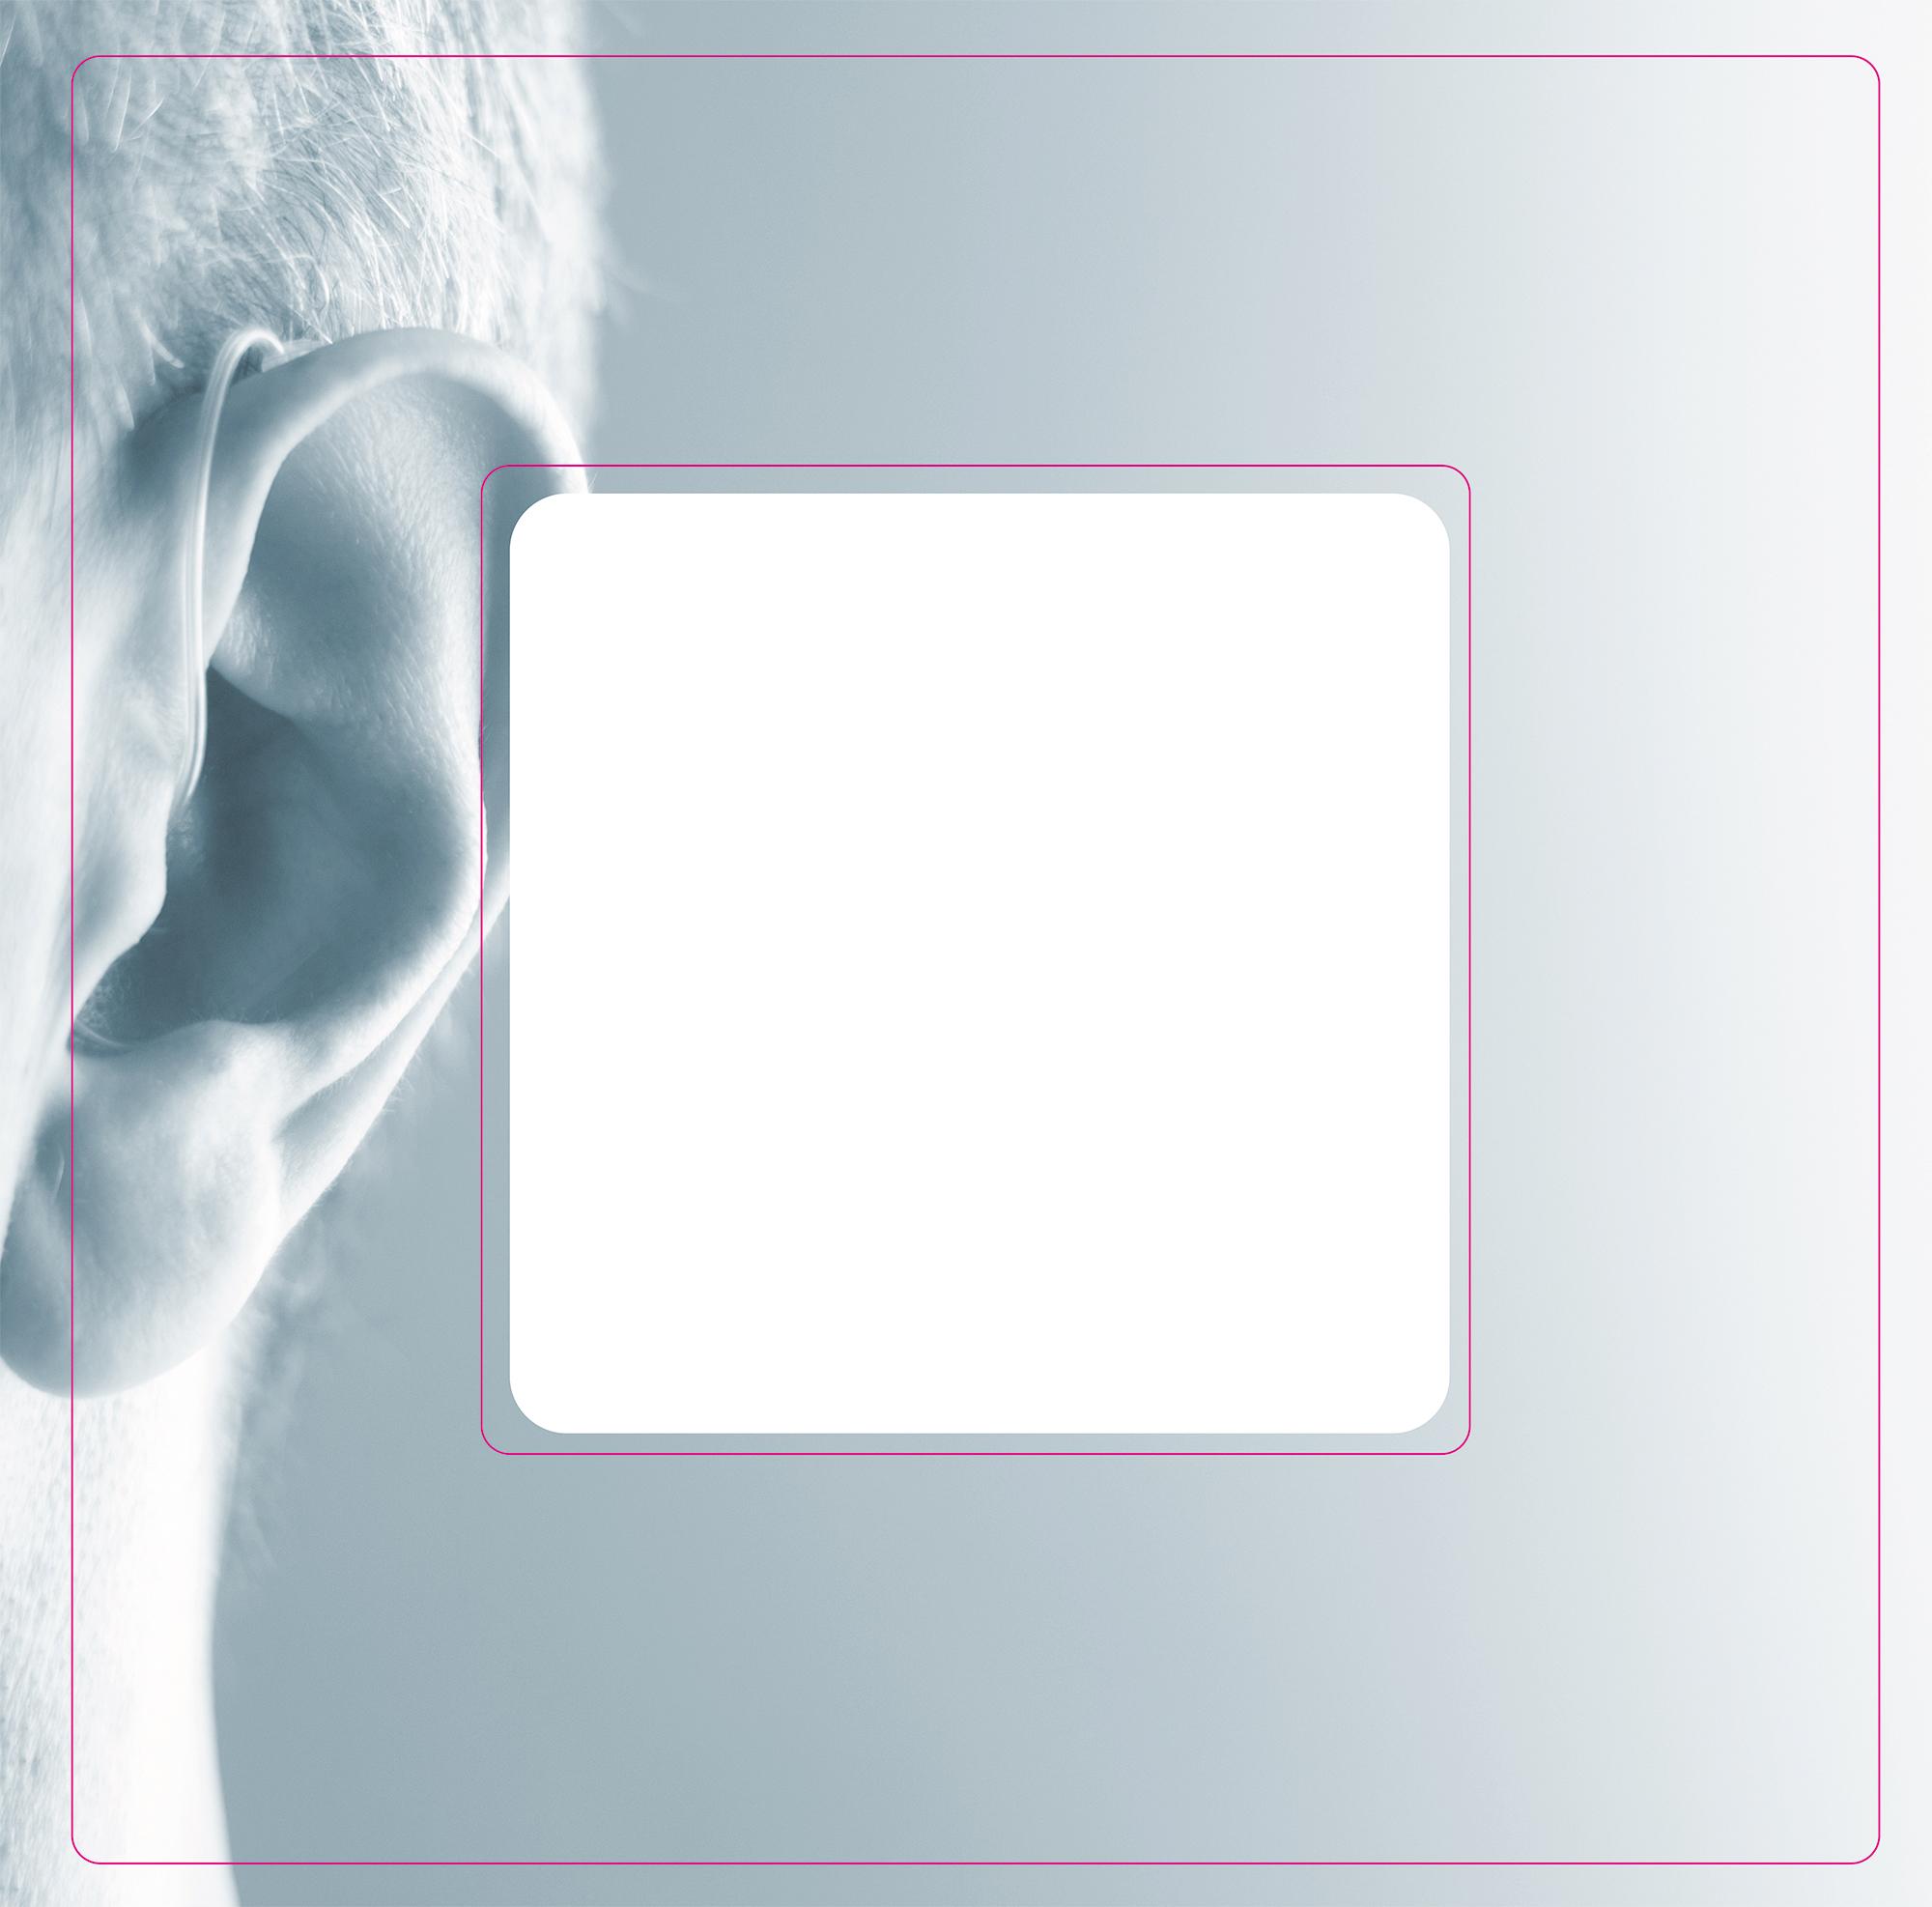 Decoframe Testhörer Hörgeräte